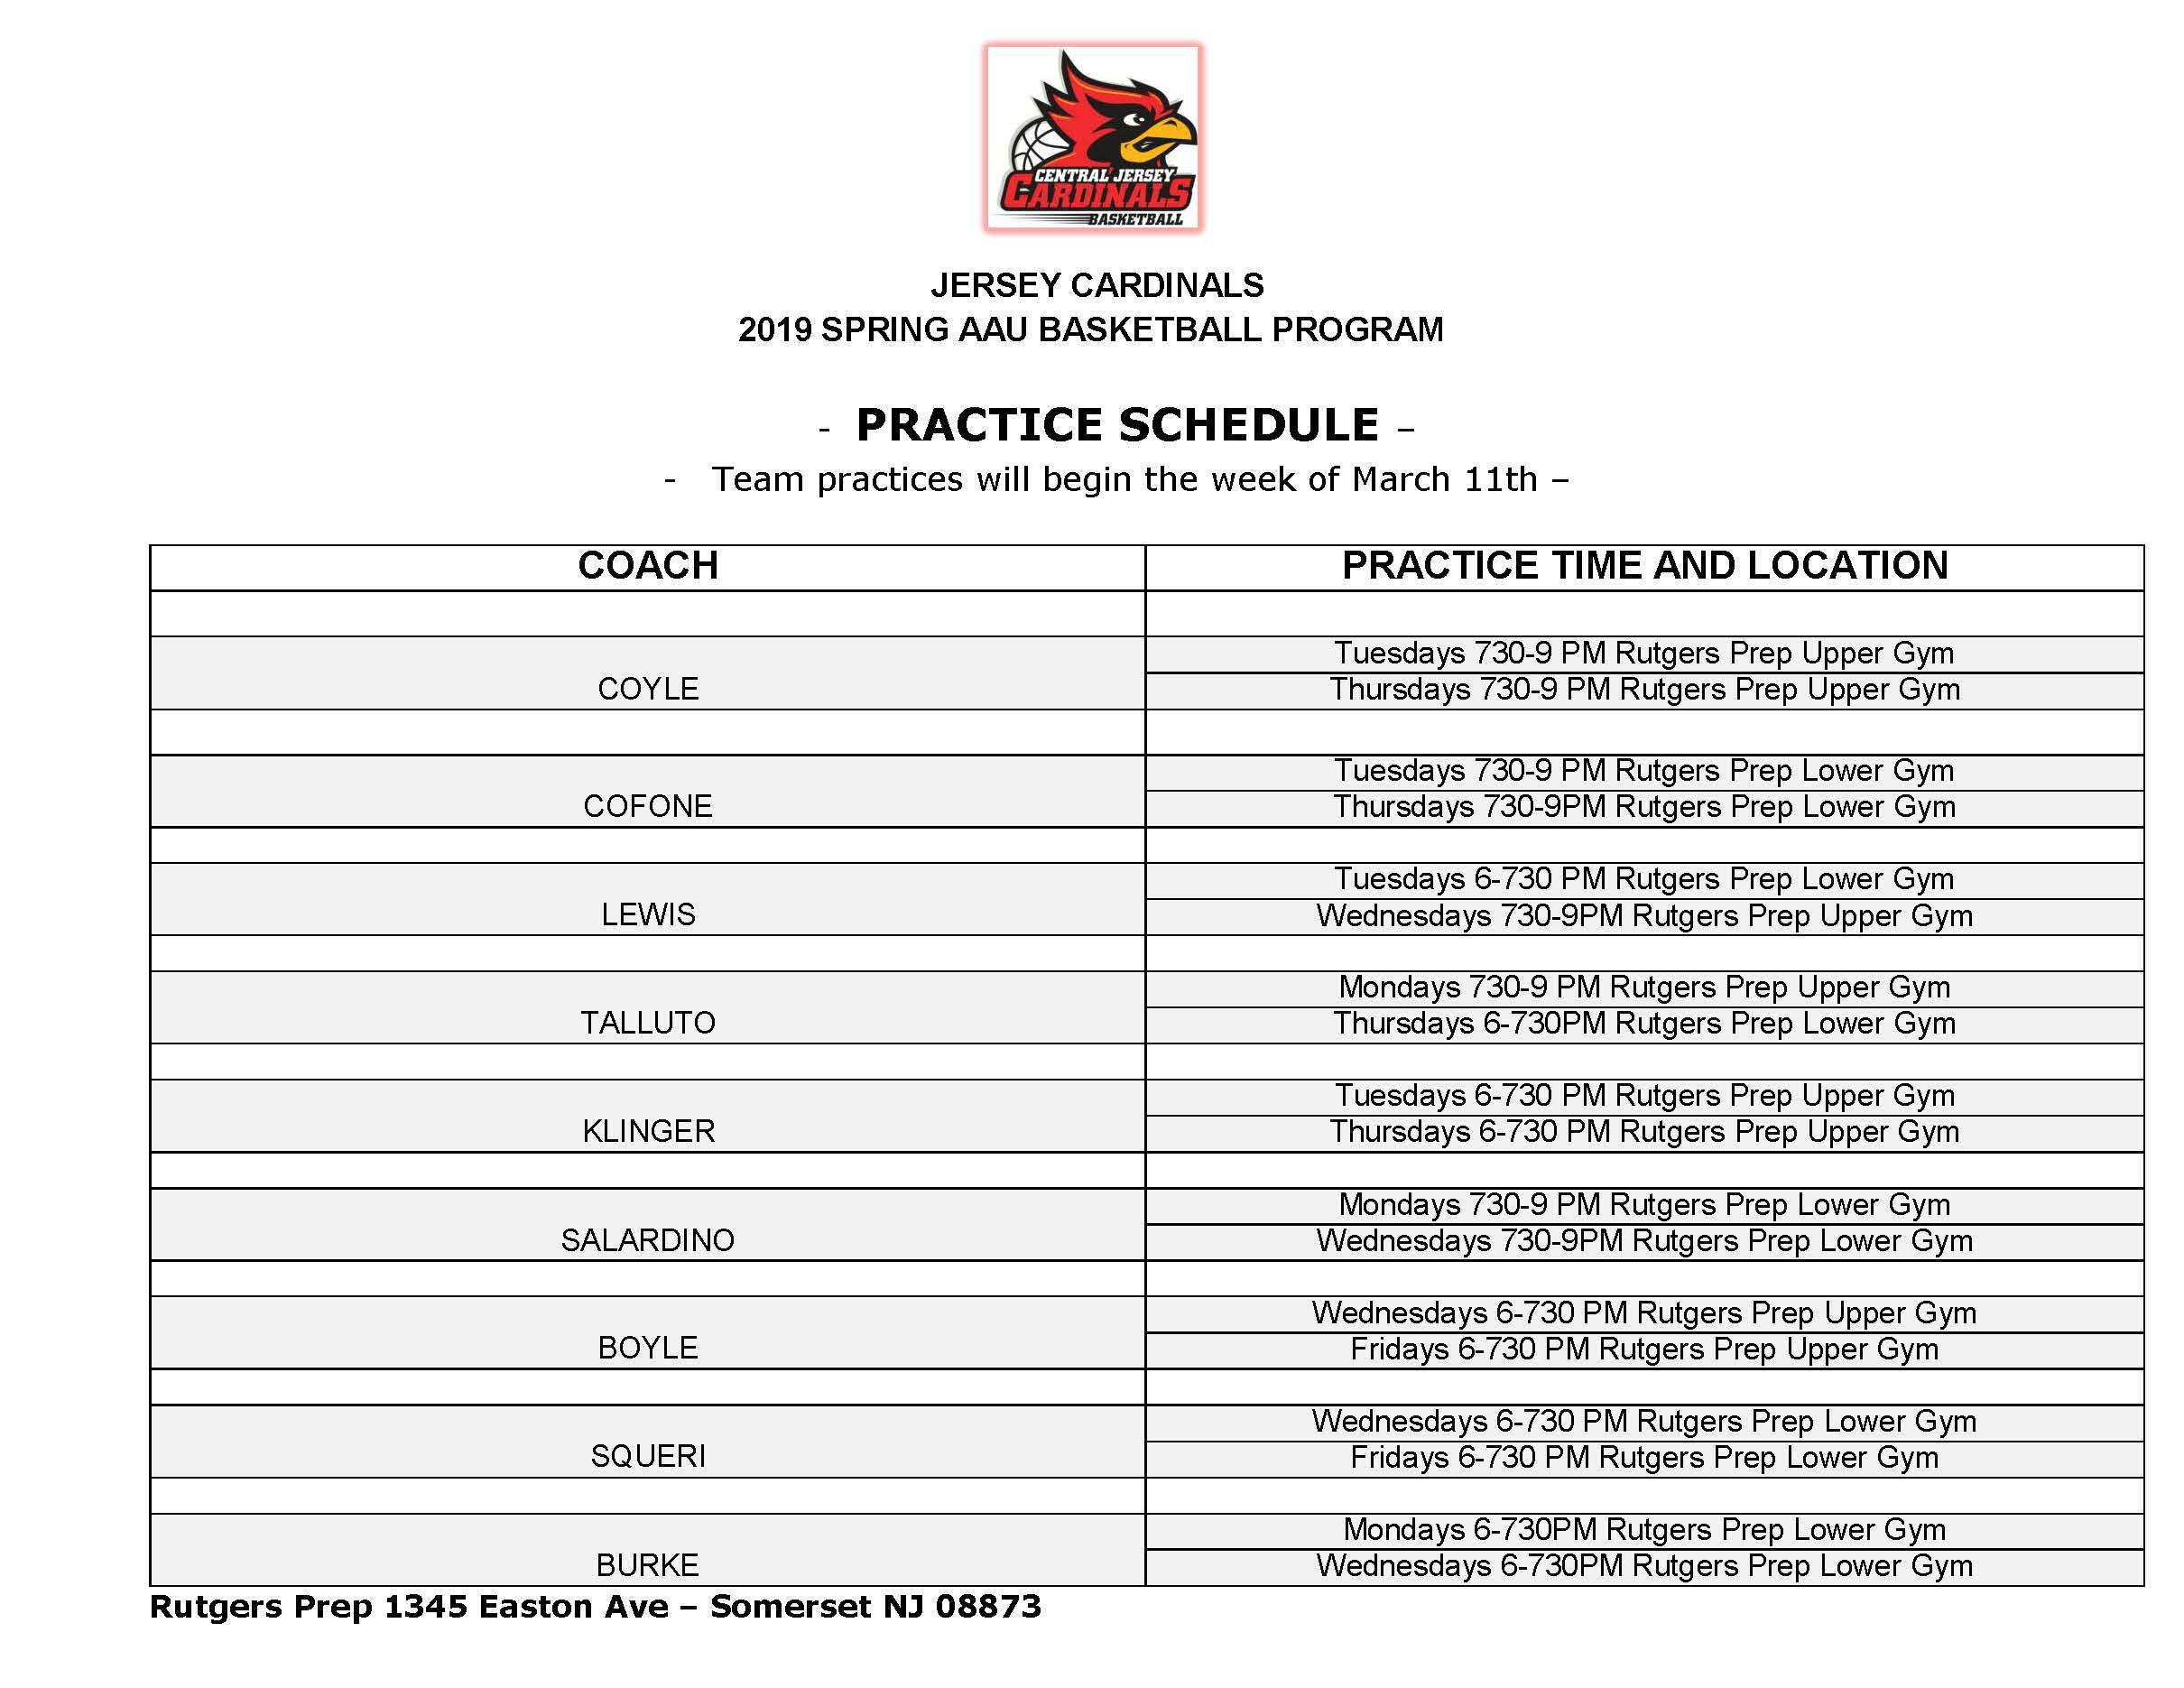 Jersey-Cardinals-2019-practice-schedule